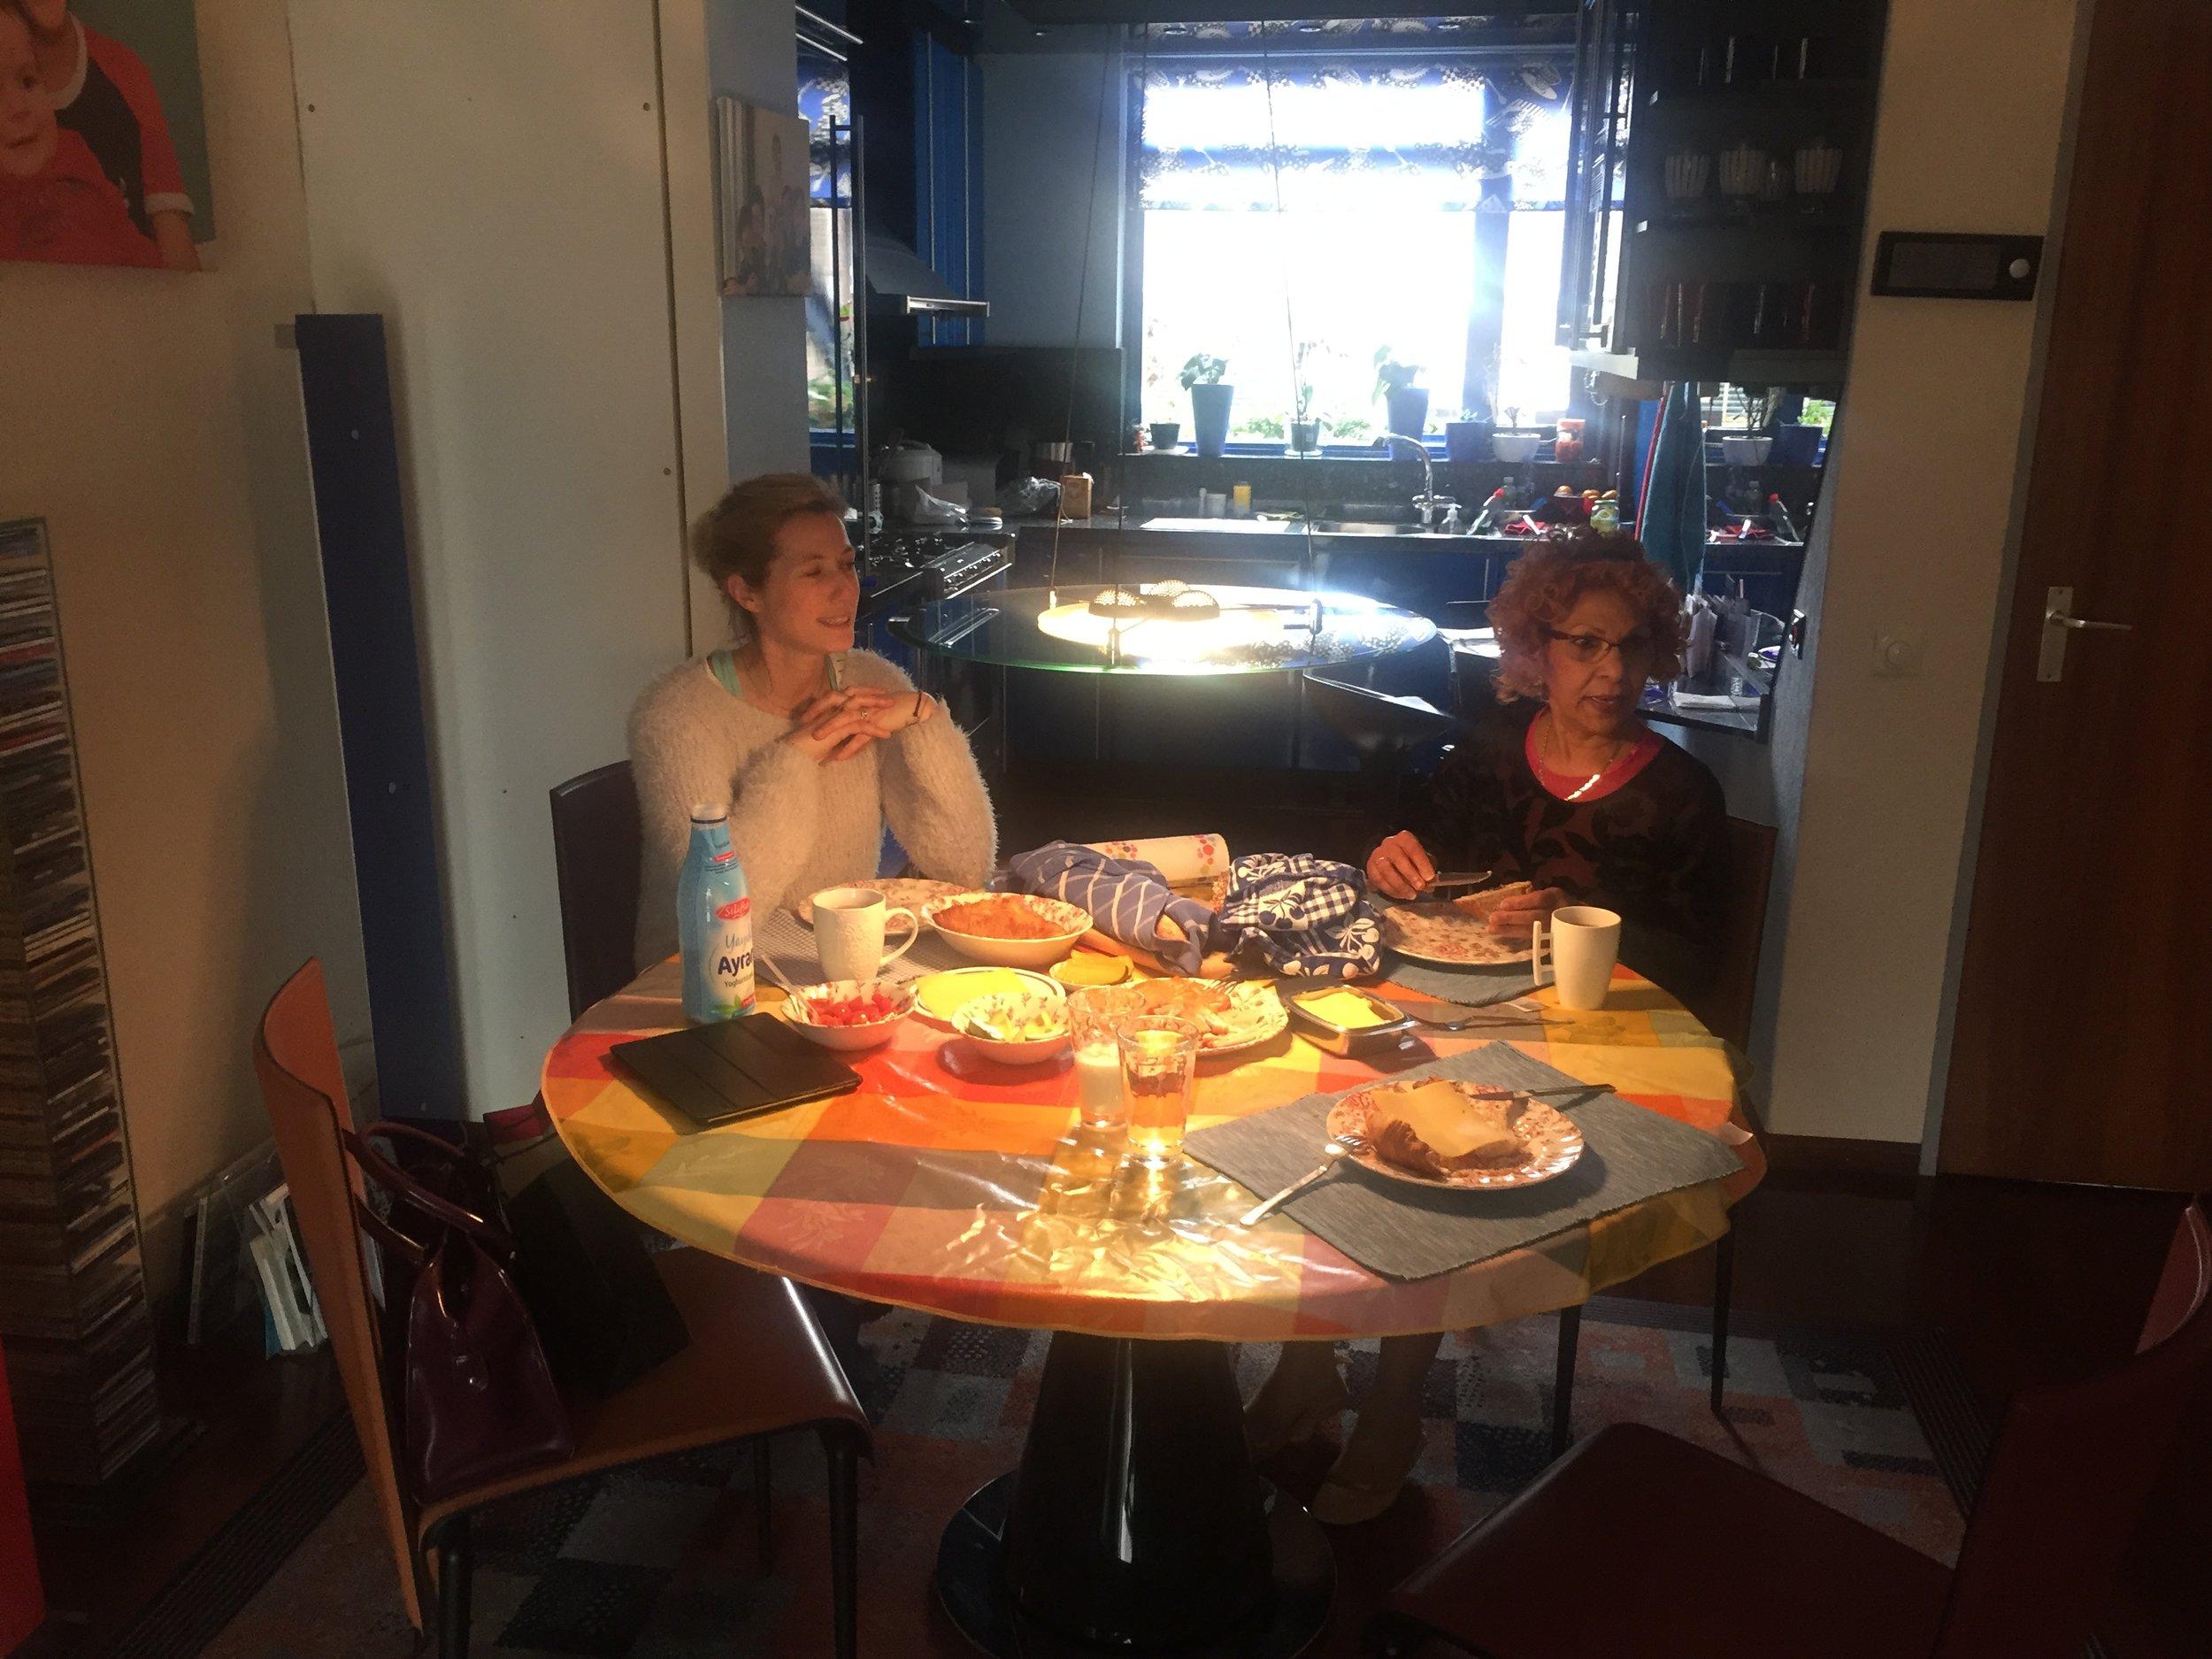 Op bezoek bij de familie Alibaks in Dordrecht.